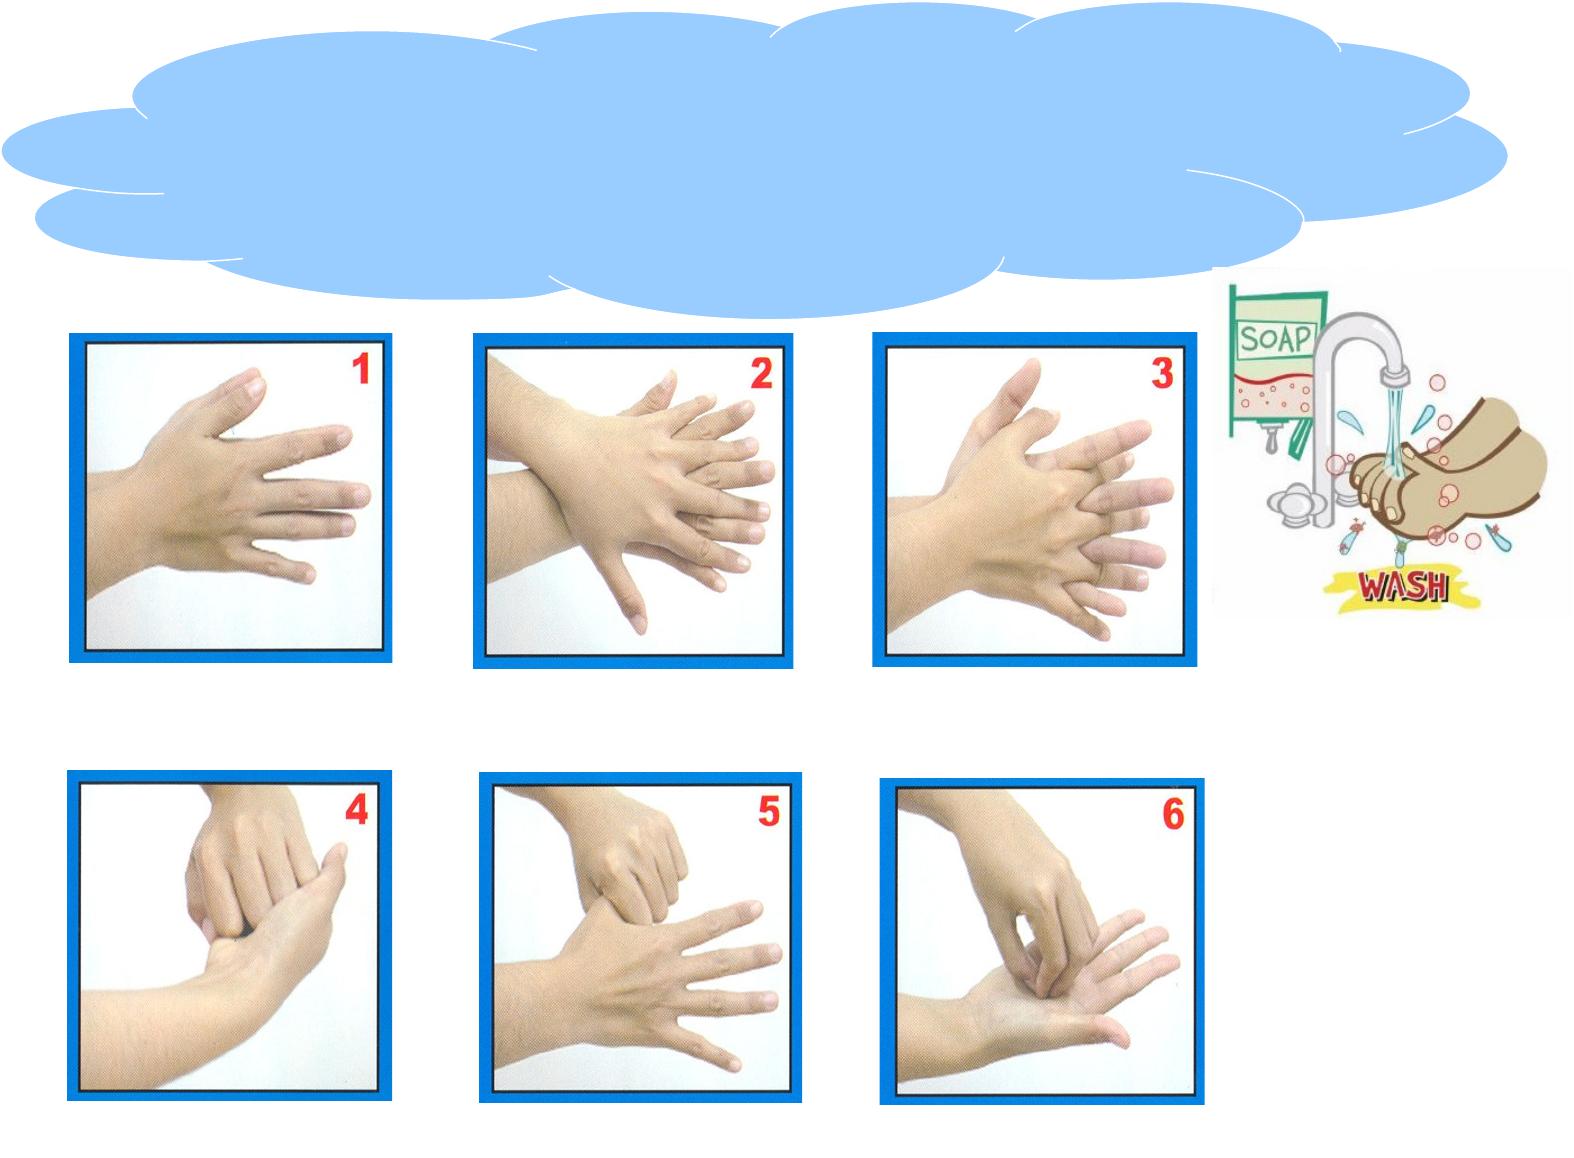 contoh poster cuci tangan yang benar - Penelusuran Google (Dengan ...